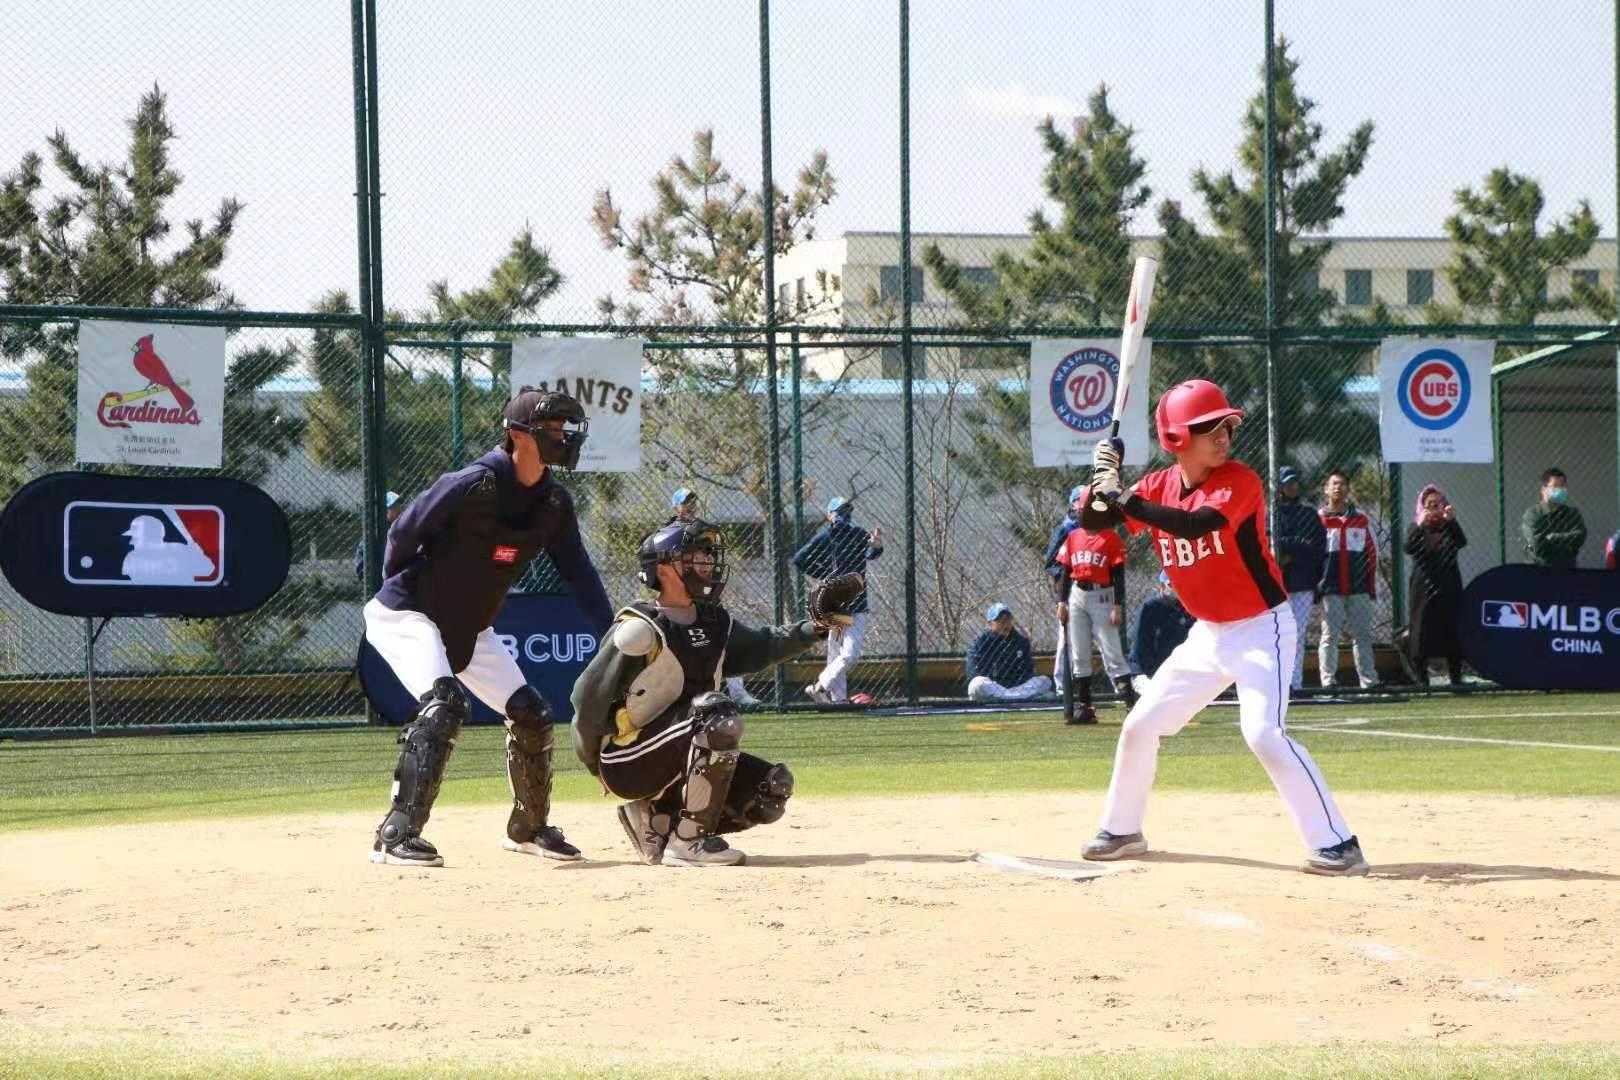 男女同学共享棒球乐趣 MLB Cup青少赛2021再升级